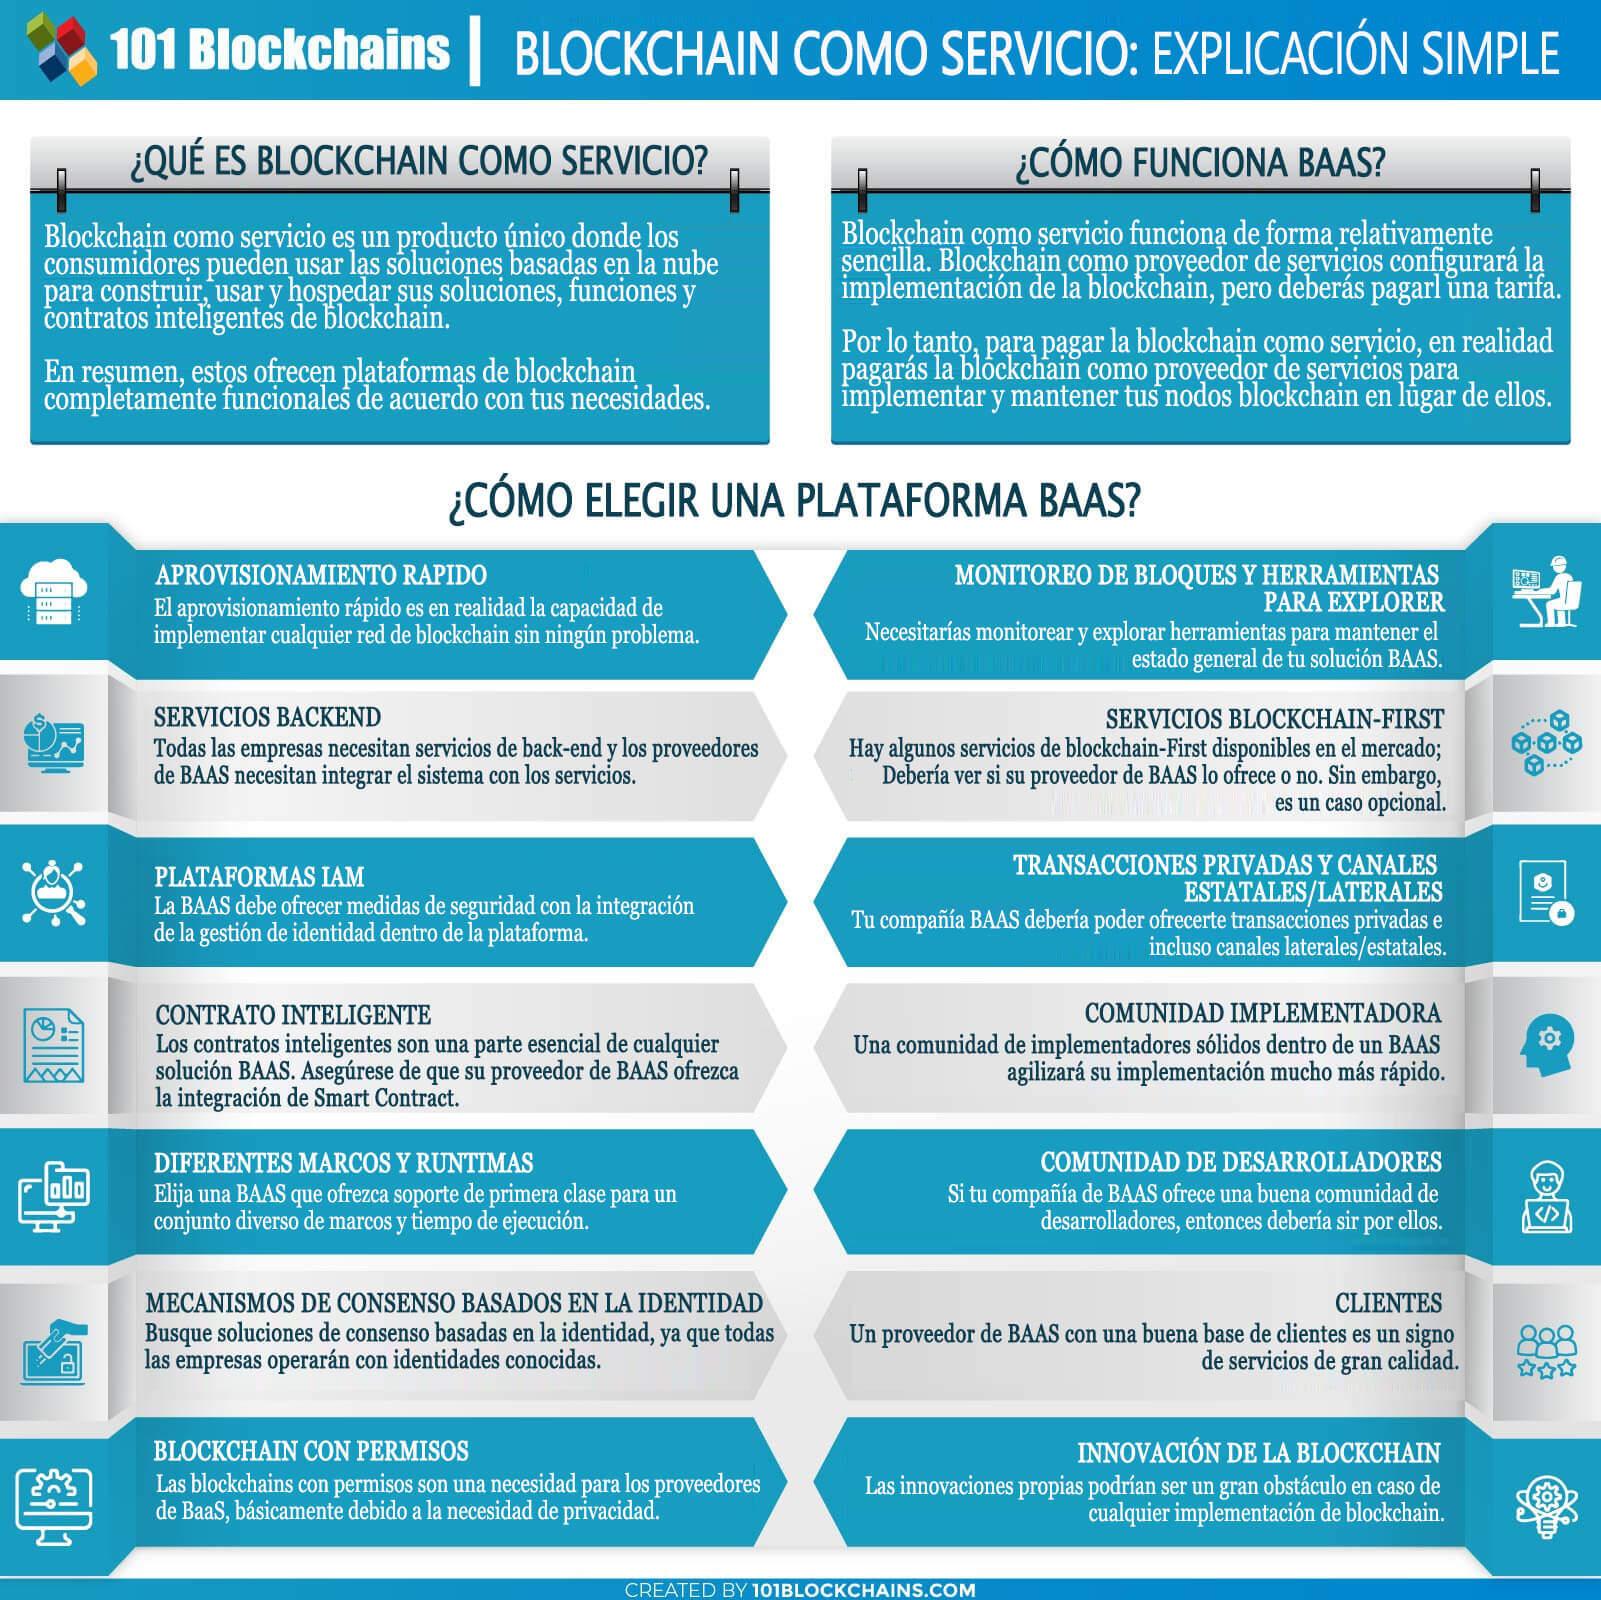 BLOCKCHAIN COMO SERVICIO EXPLICACIÓN SIMPLE